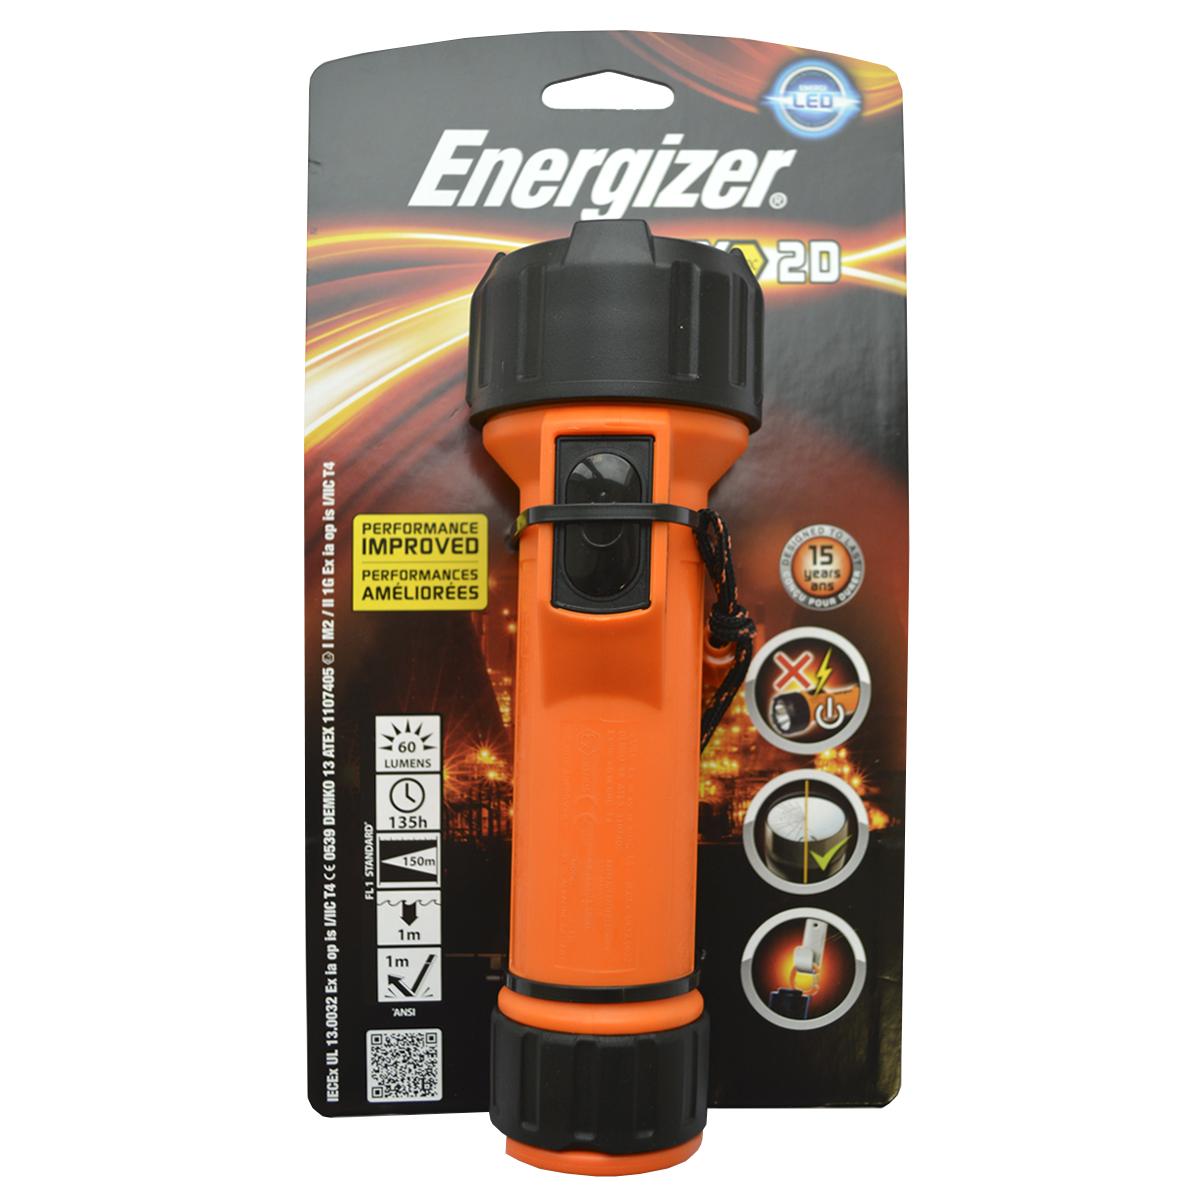 Ручной фонарь Energizer ATEX 2xD excl (MS2DLED1)E3002781001-й класс, 1-й разряд Высокая ударопрочность Встроенный зажим-карабин для крепления на ремень Простой в использовании кнопочный выключатель Устойчивый к воздействию масел и смазки водонепроницаемый корпус Чрезвычайно длительный срок службы – рассчитан на 15 лет 2 модели: под батарейки типоразмера D (2 шт.) и AA (2 шт.) Работает от 2 батареек типоразмера D